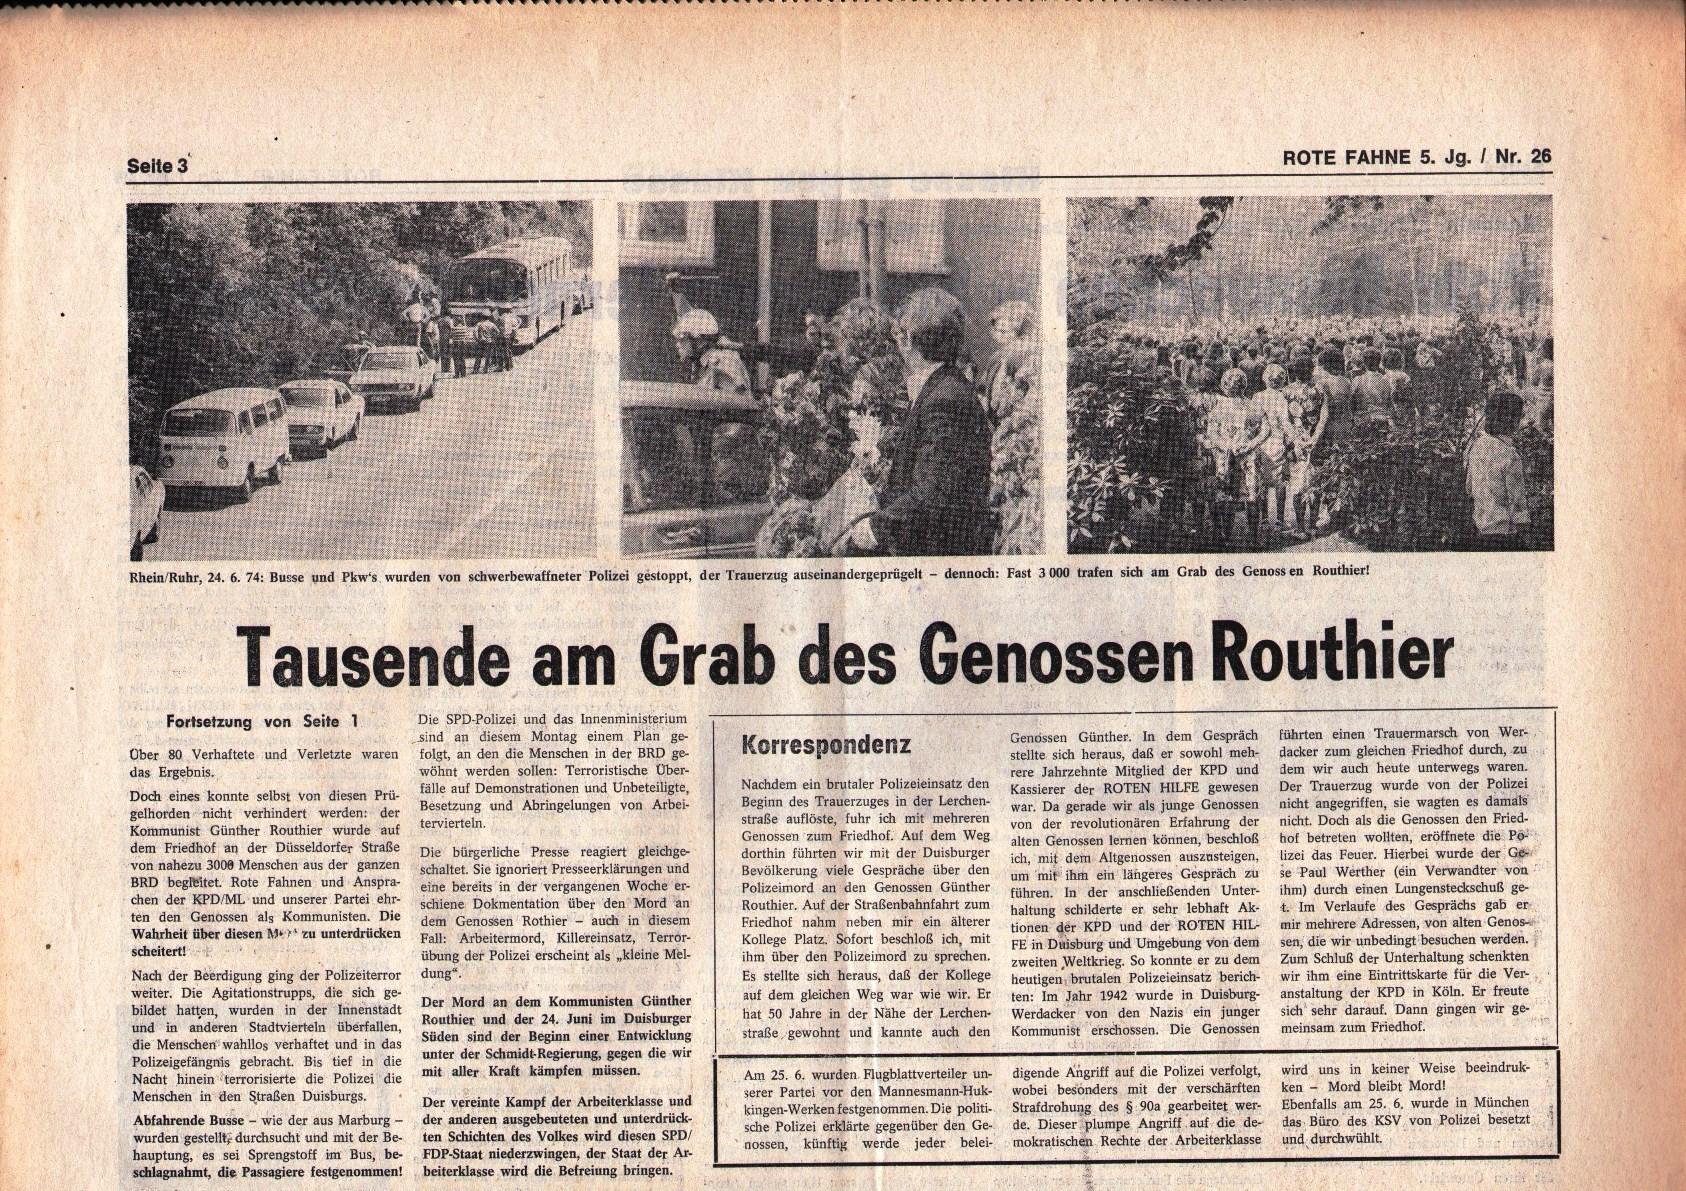 KPD_Rote_Fahne_1974_26_05